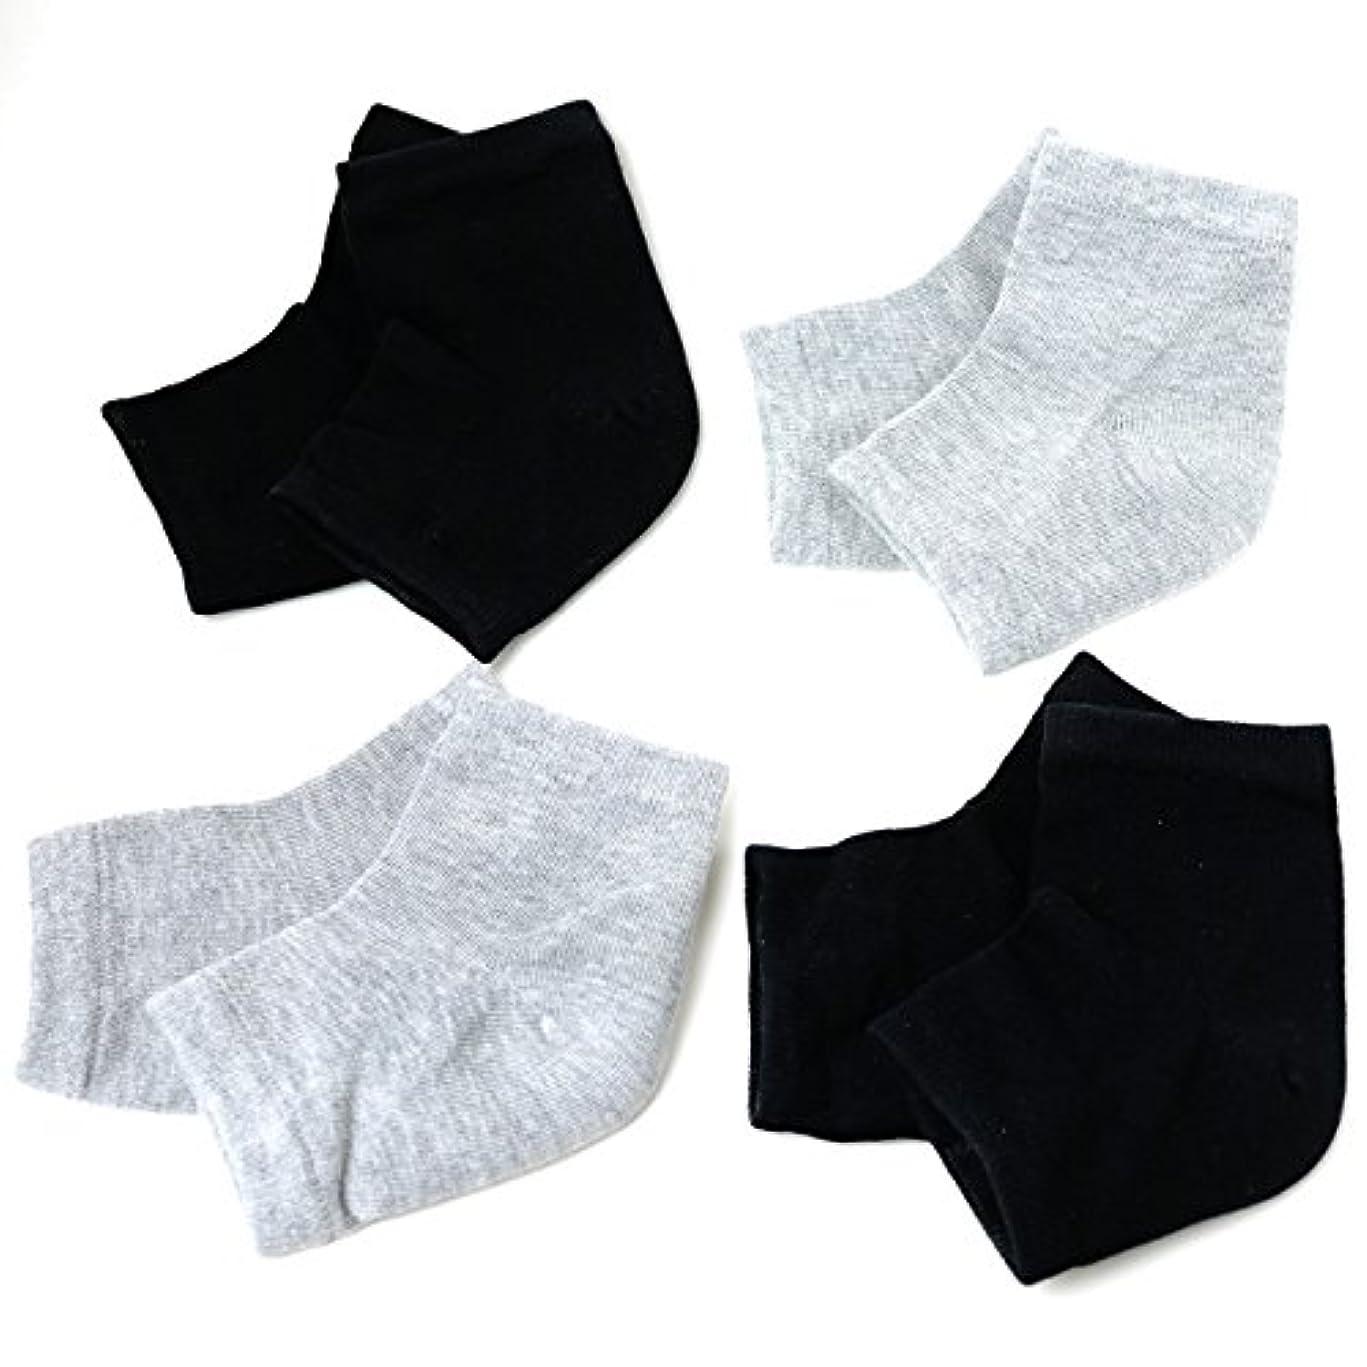 アカデミックホールド精査するBanane D'or かかと 靴下 ソックス セット (黒×2 グレー×2)